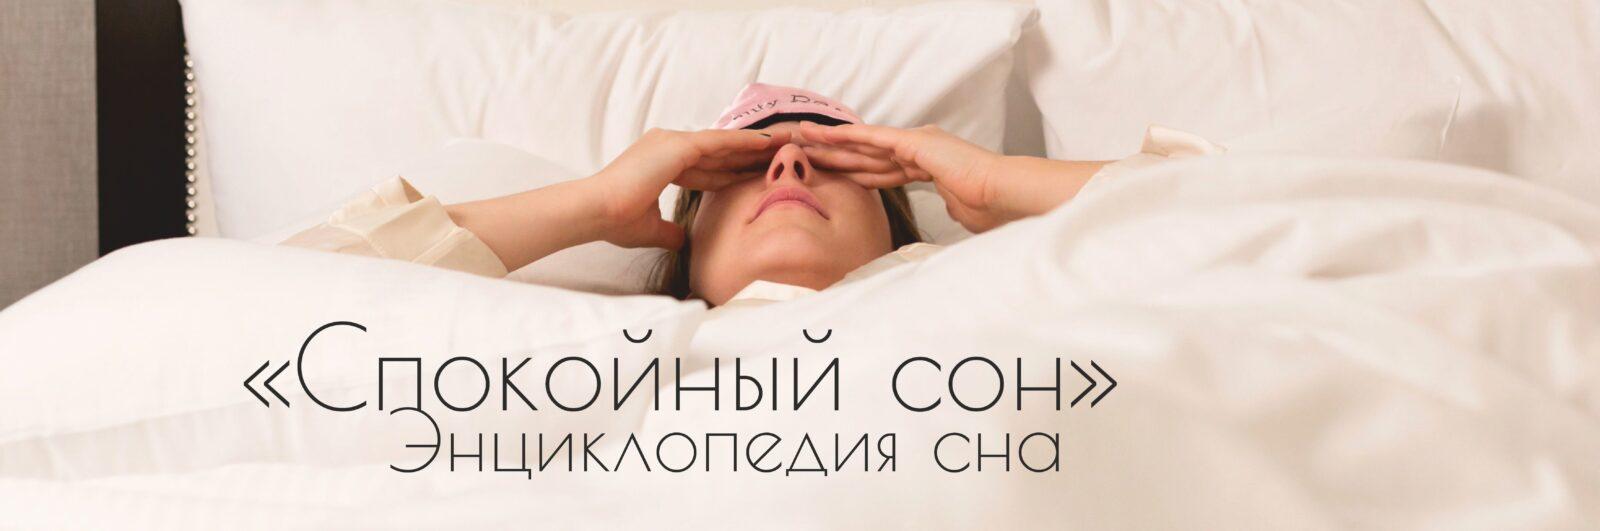 spokoiniison.ru